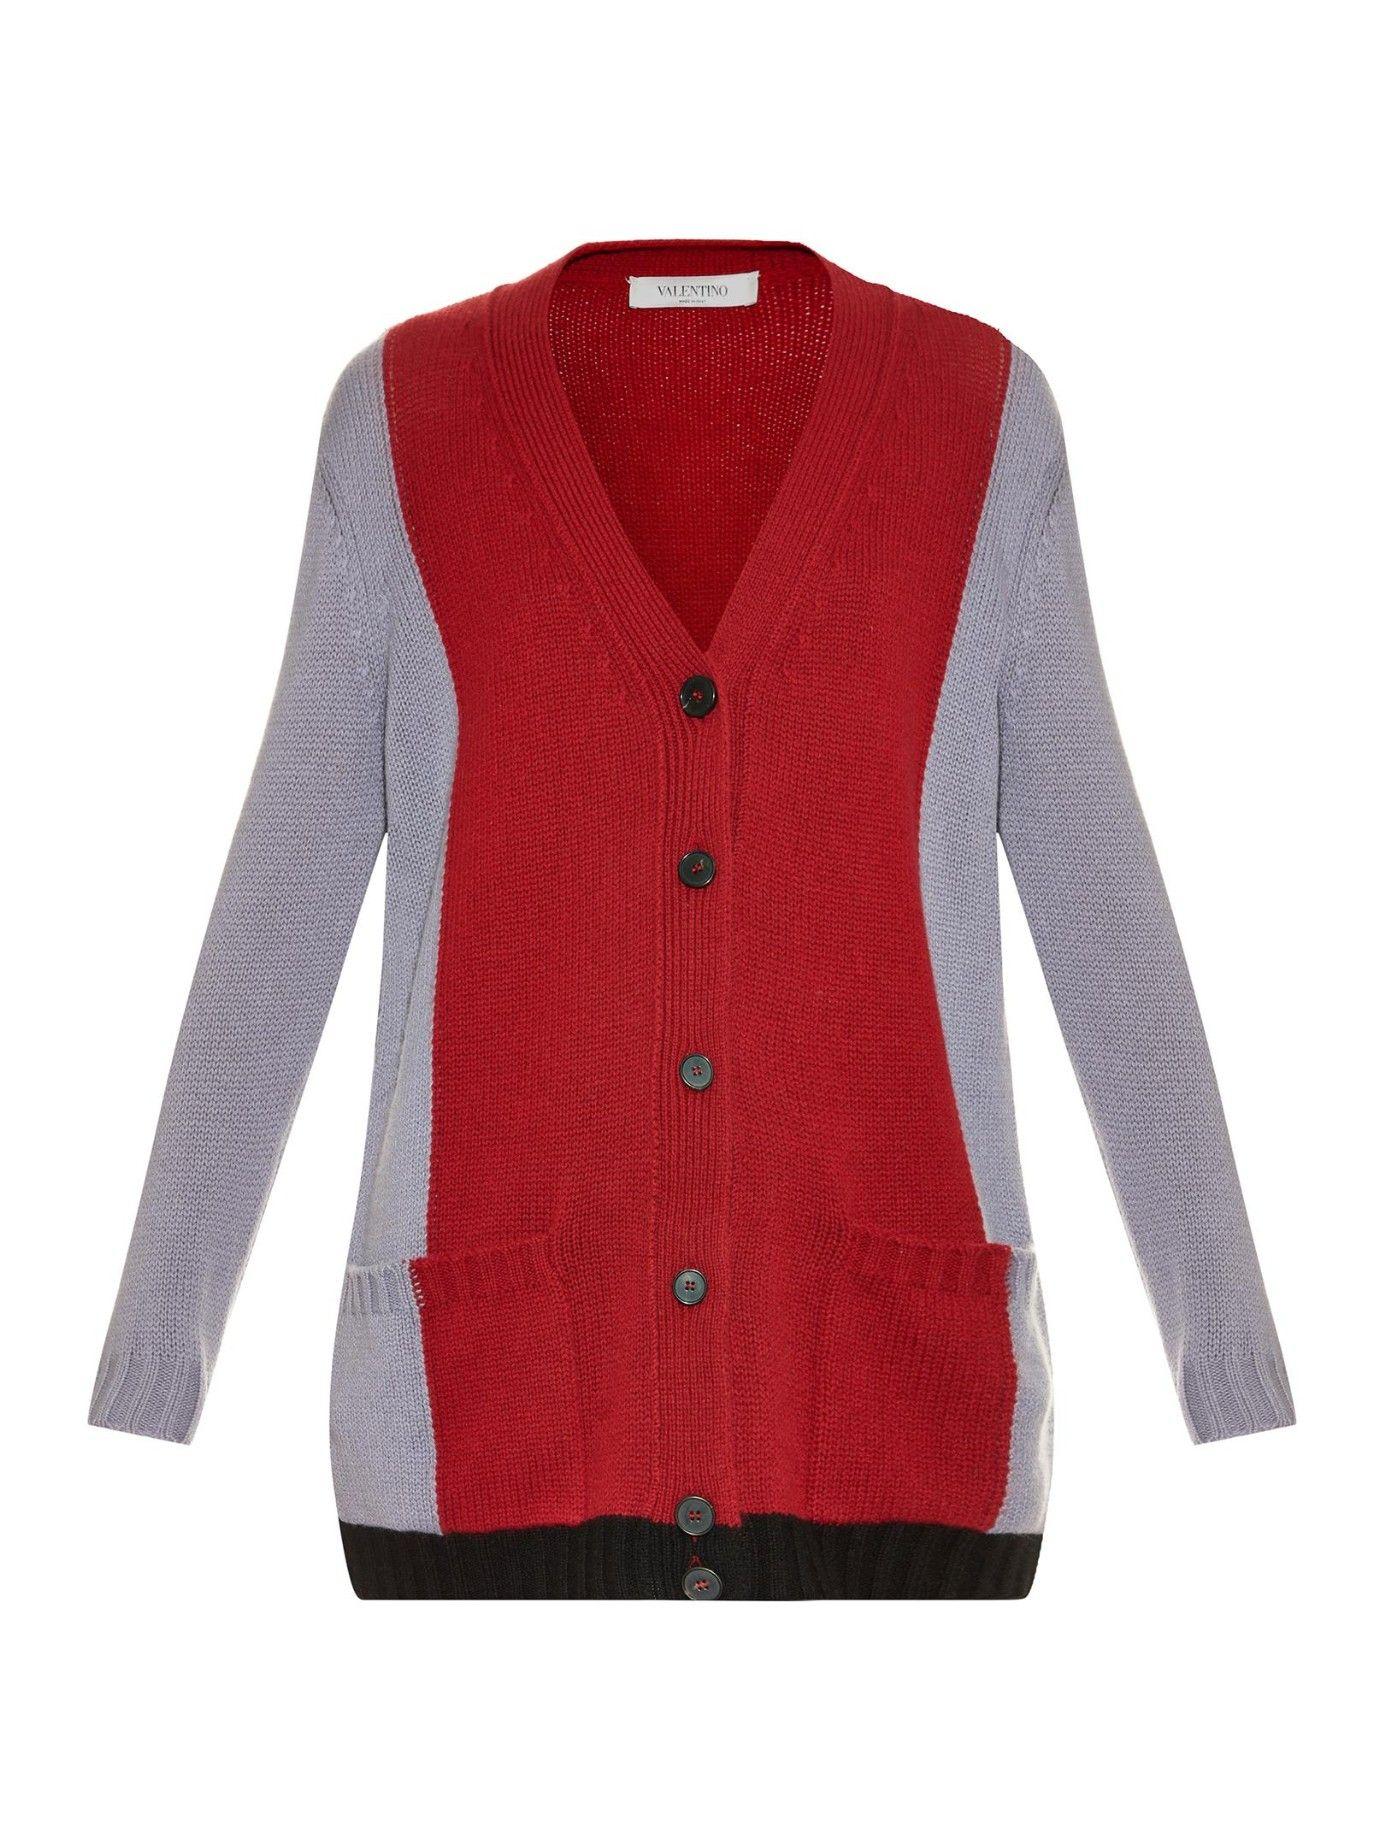 Tri-colour cashmere cardigan | Valentino | MATCHESFASHION.COM ...